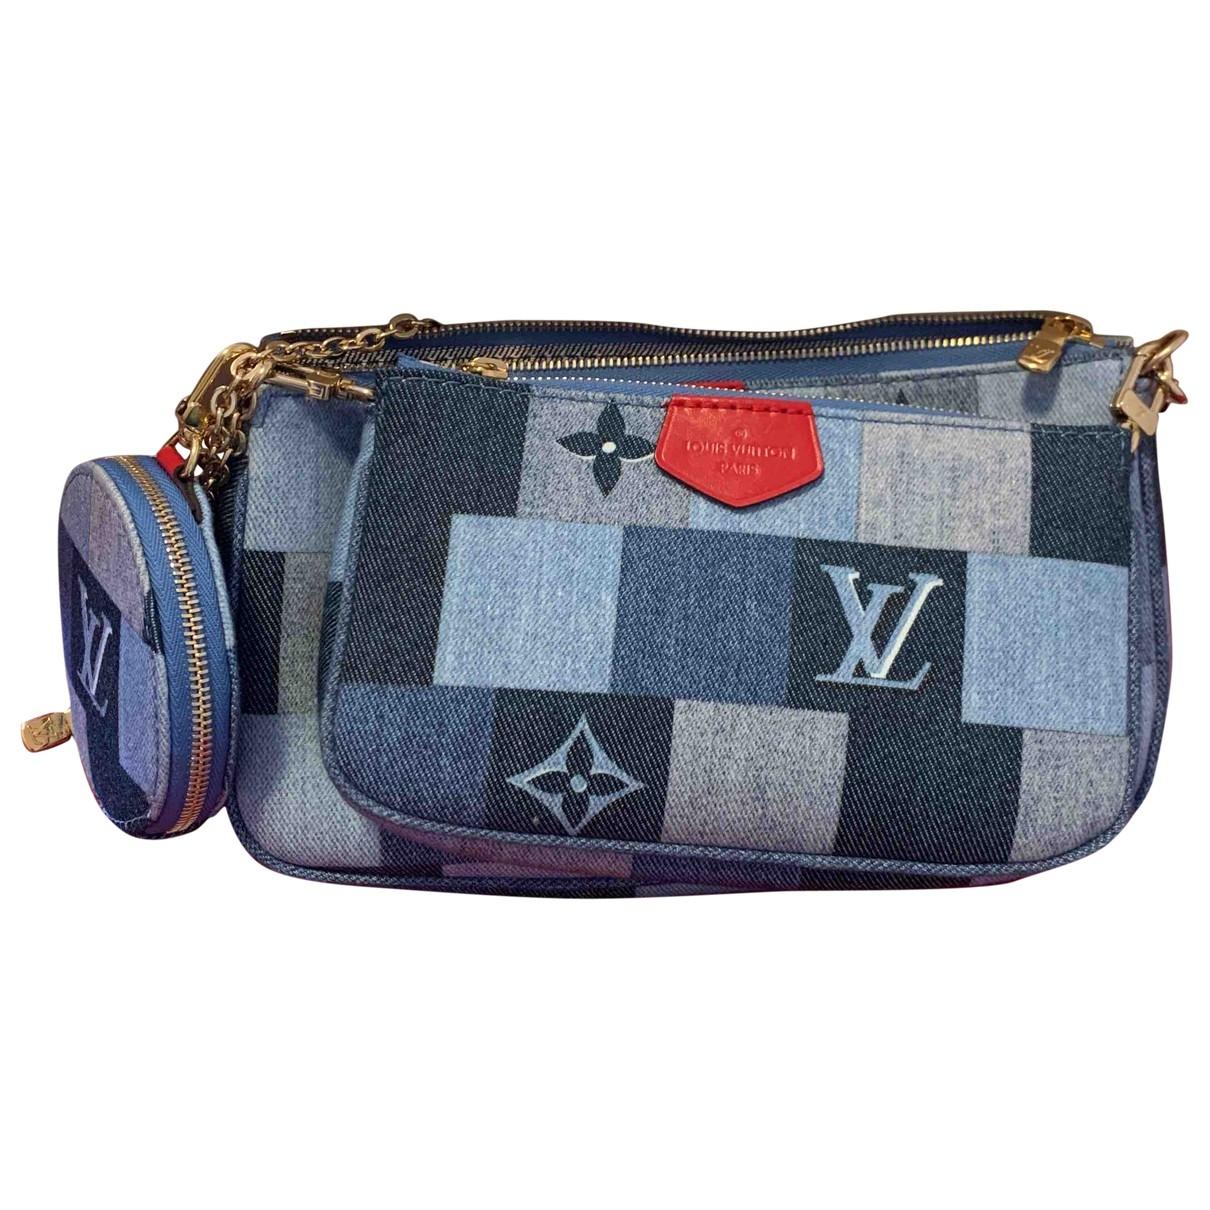 Louis Vuitton Multi Pochette Access Clutch in  Blau Denim - Jeans